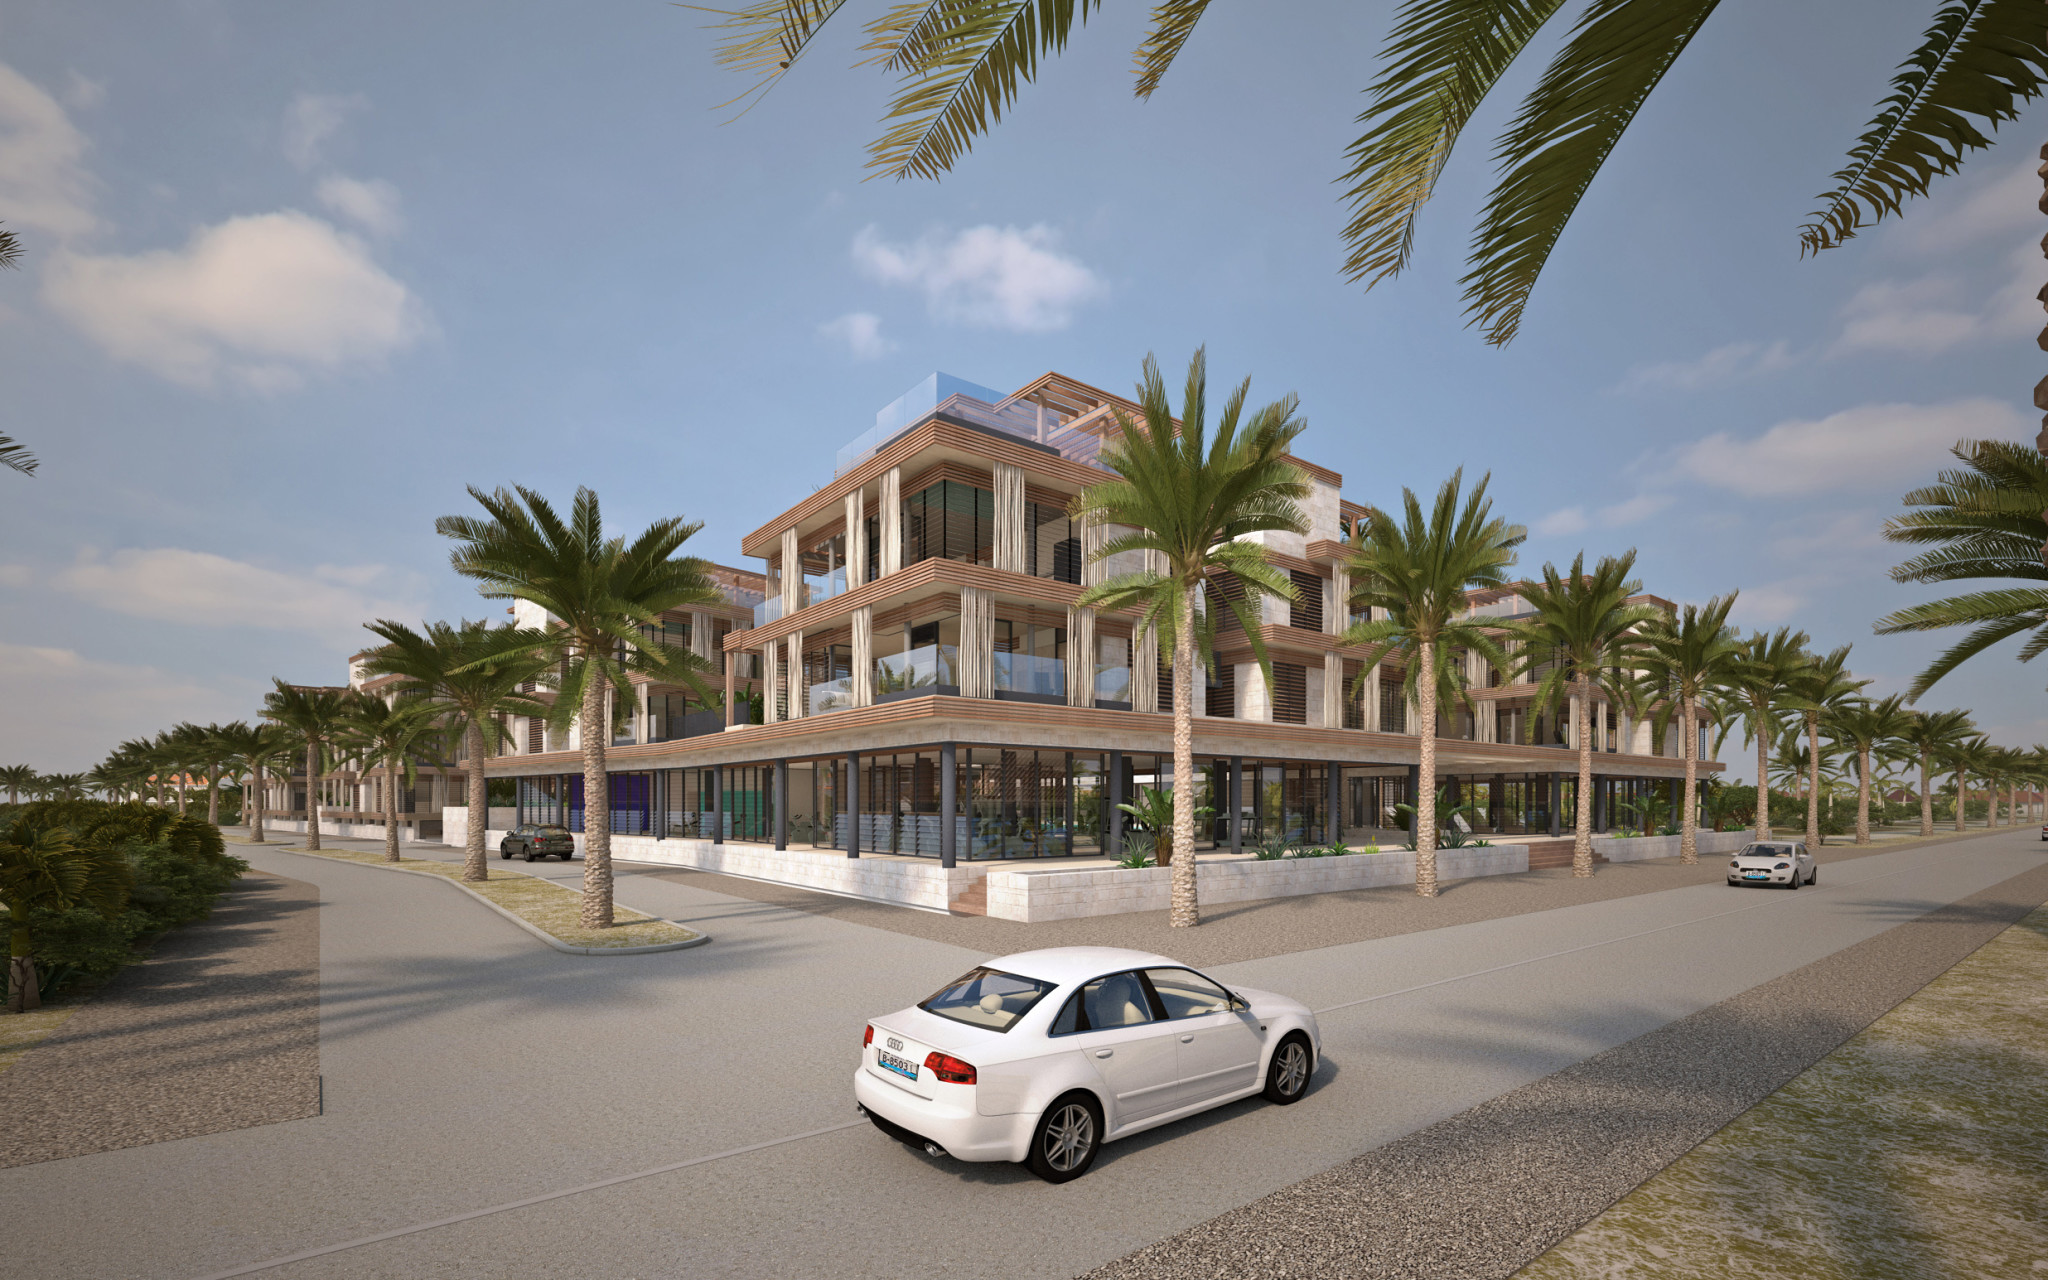 Kings Beach Bonaire - BINT architecten